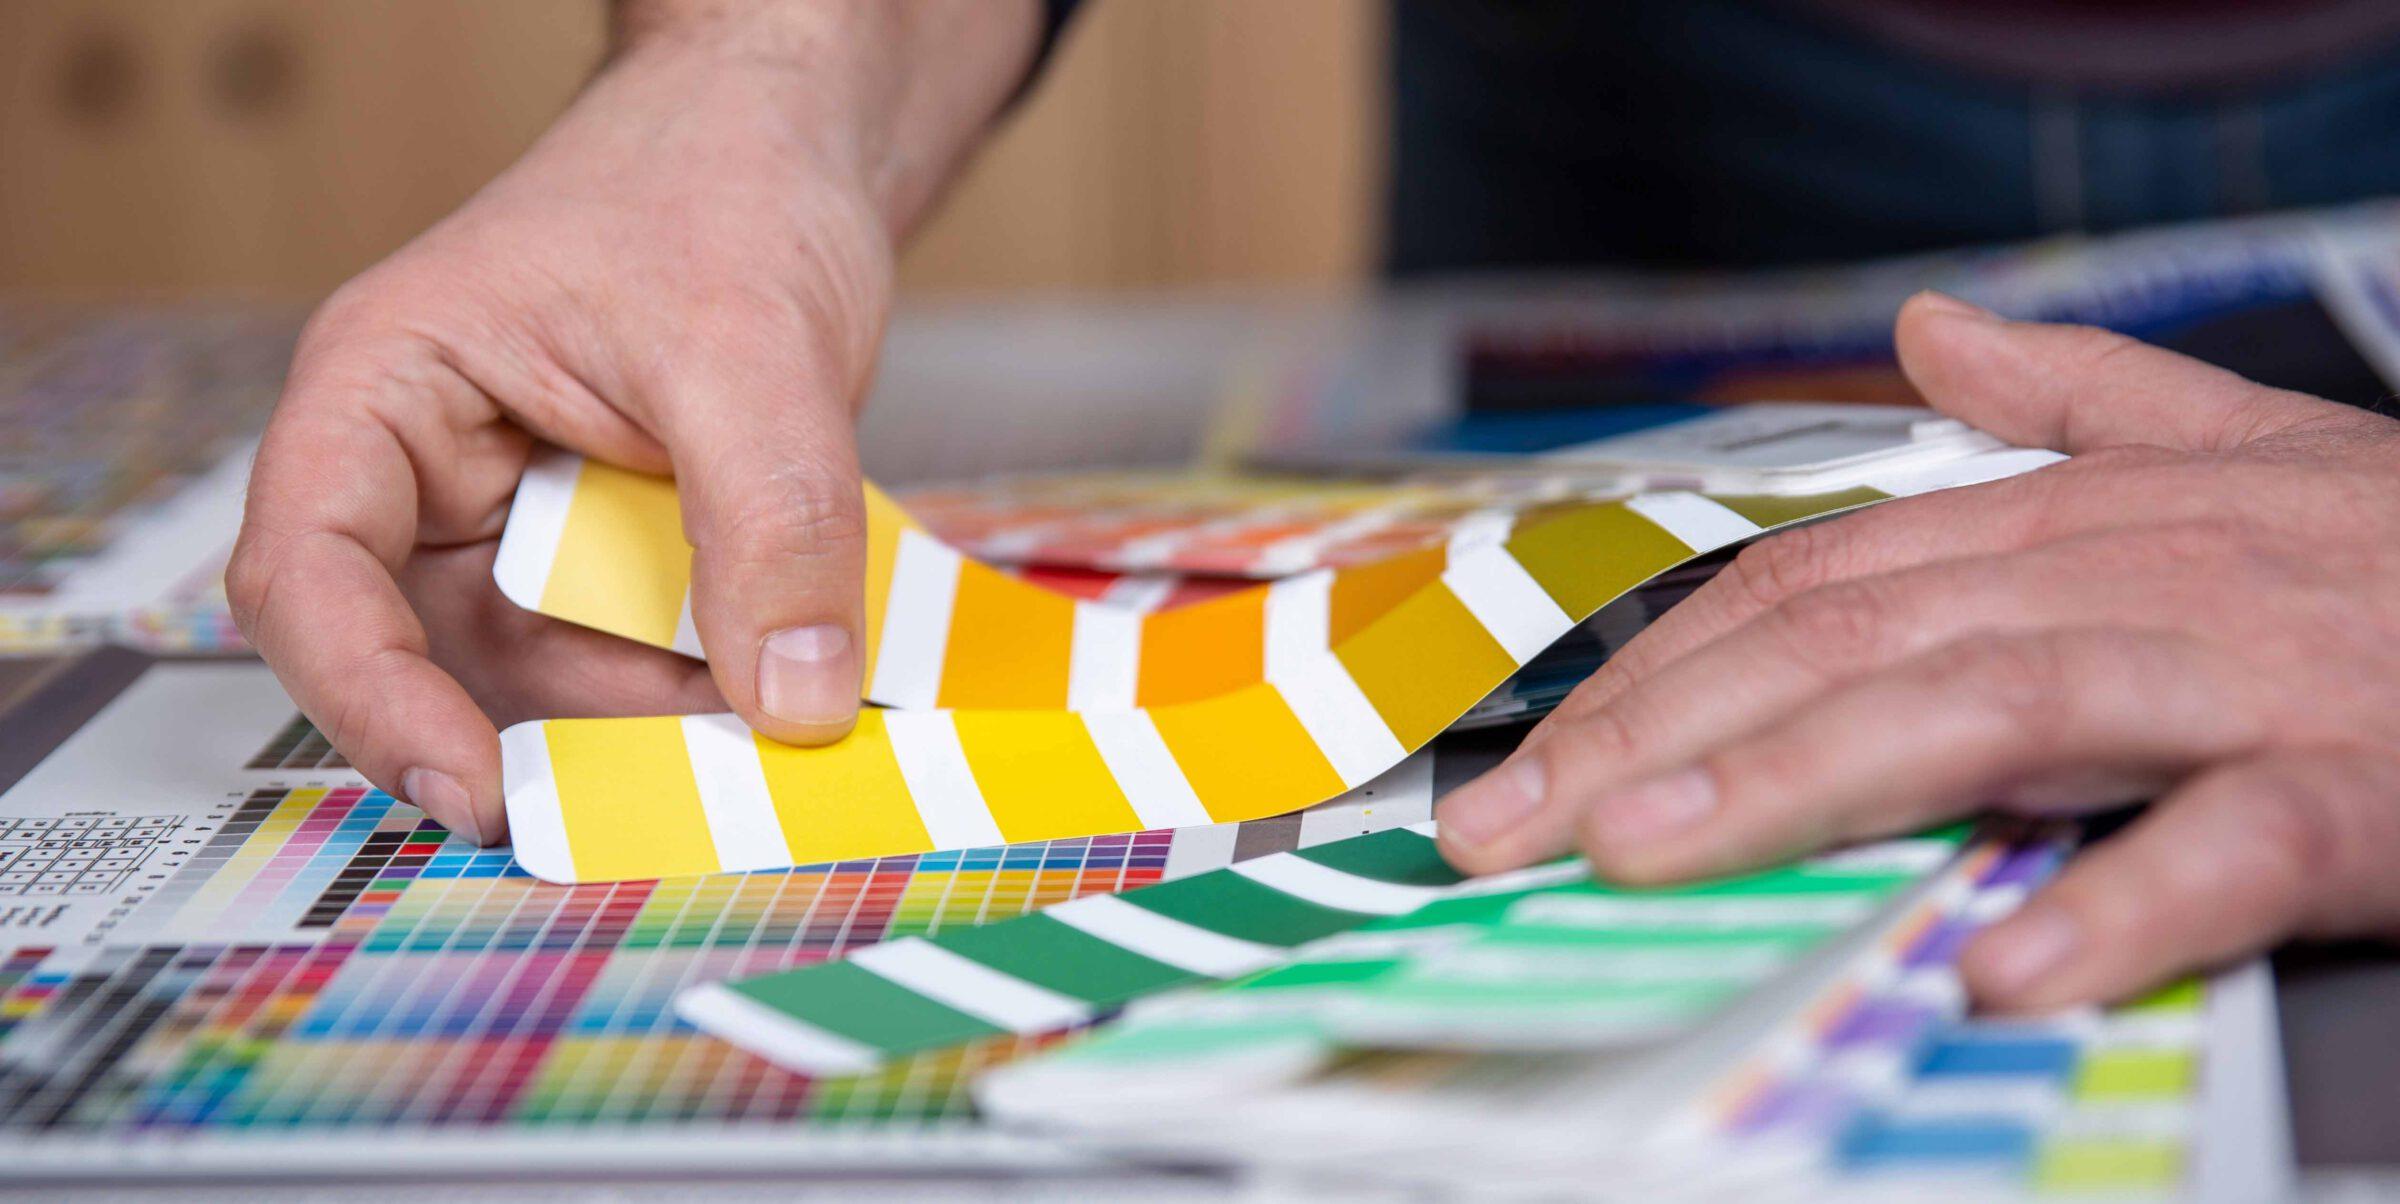 kleuren selecteren voor drukwerk